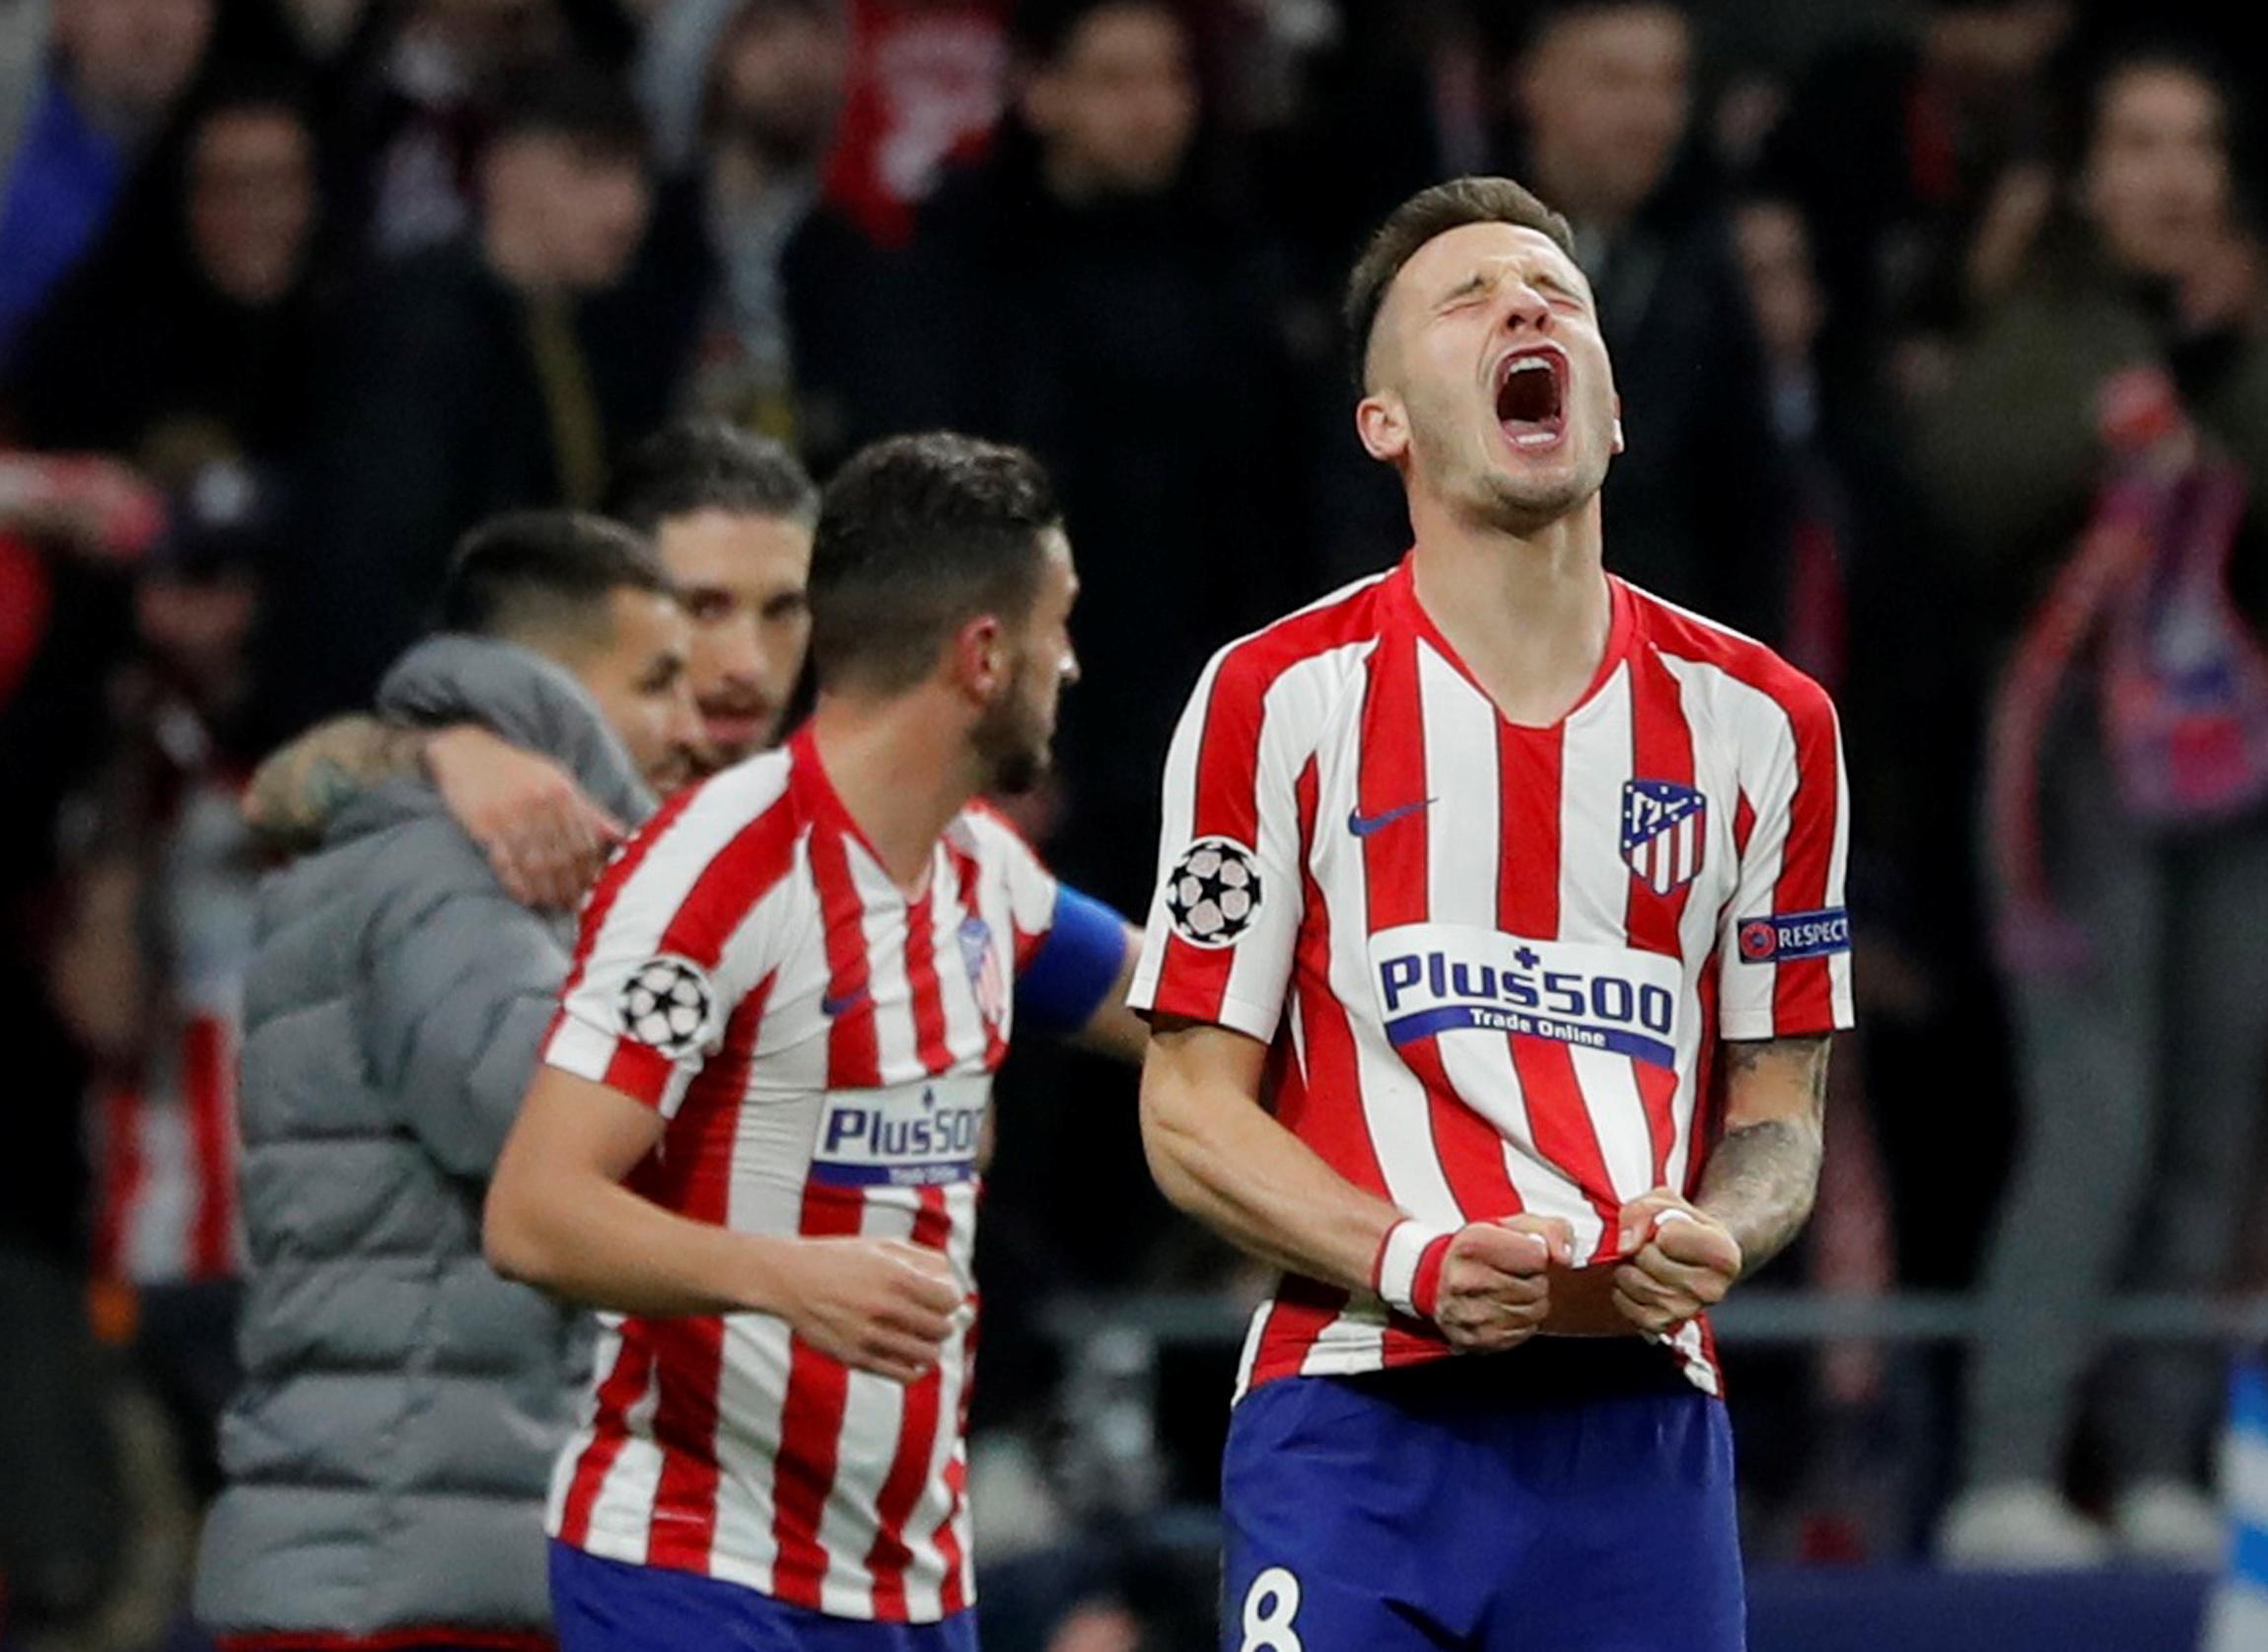 马德里竞技队球员萨乌尔(右)在赛后庆祝胜利